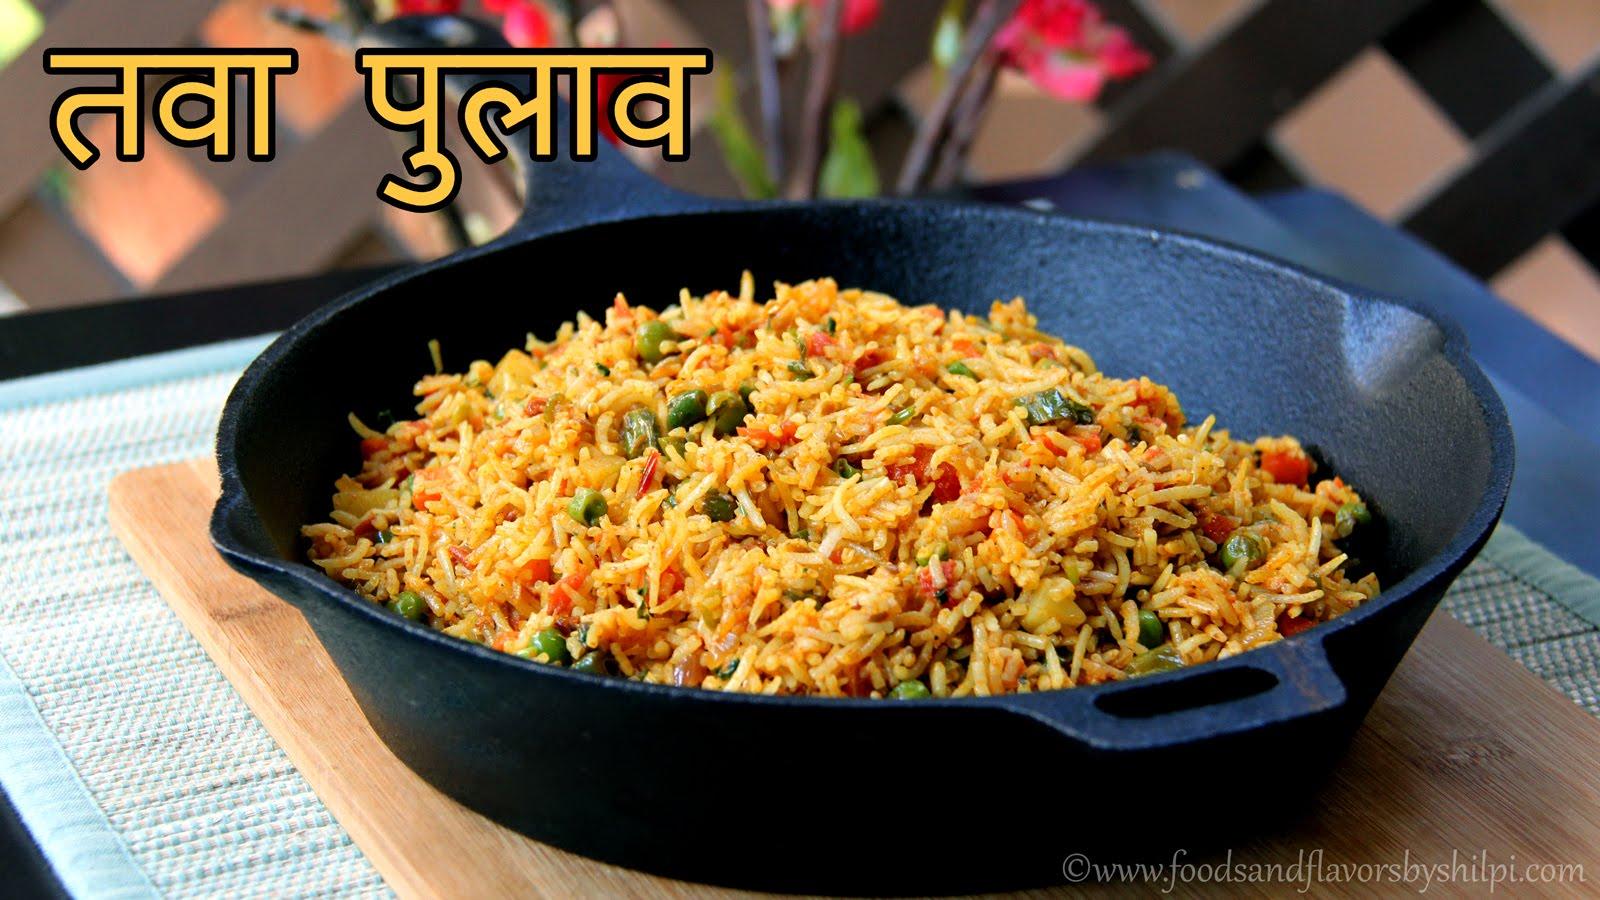 Tawa pulao Recipe in Hindi   तवा पुलाव   Mumbai style Tawa Pulao Recipe - Indian Recipes for Dinner